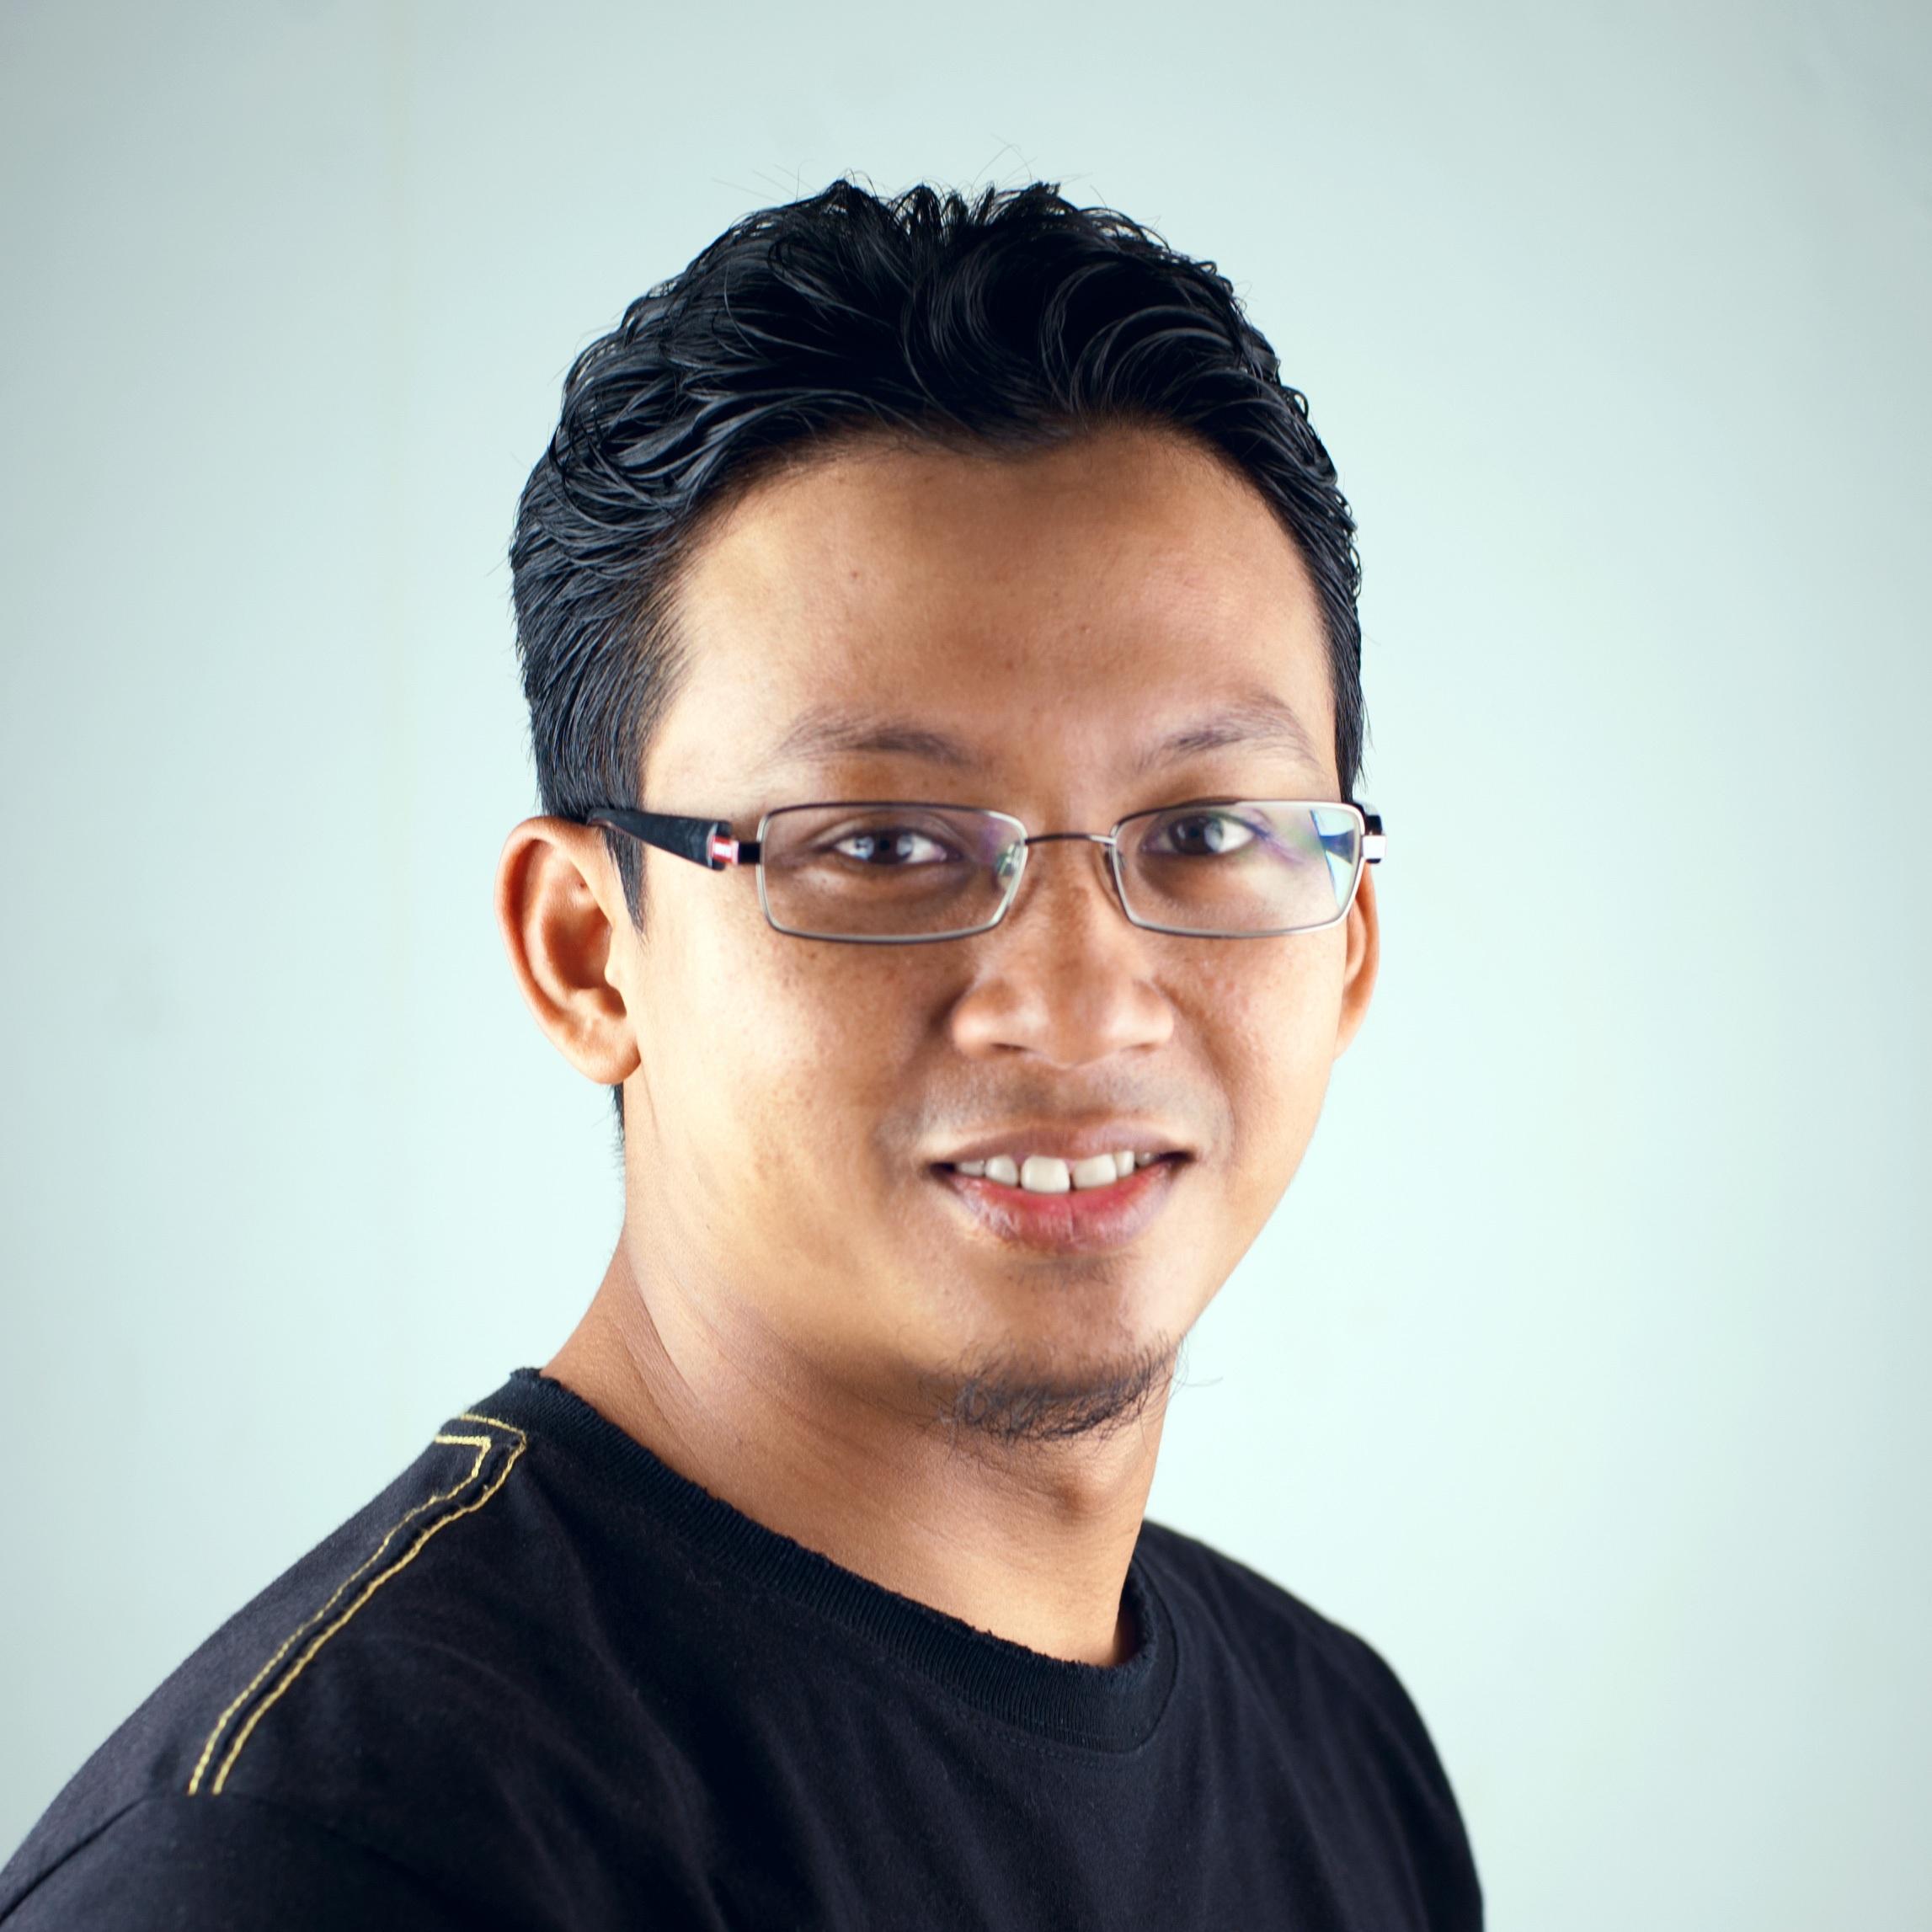 Gözlük Kullananlar İçin Saç Modelleri